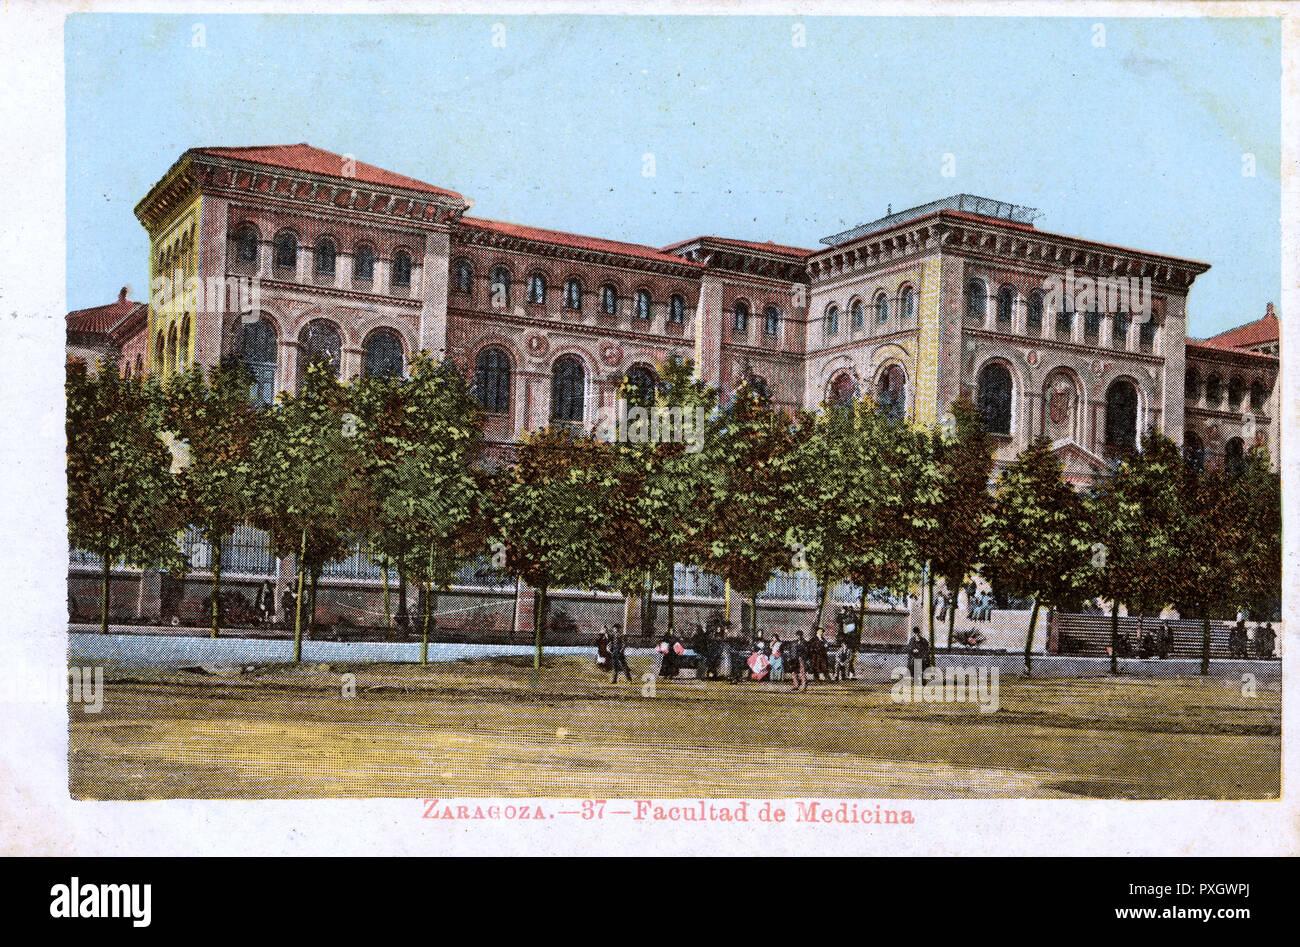 Zaragoza, Spain - Medical College (Facultad de medicina).     Date: circa 1905 Stock Photo